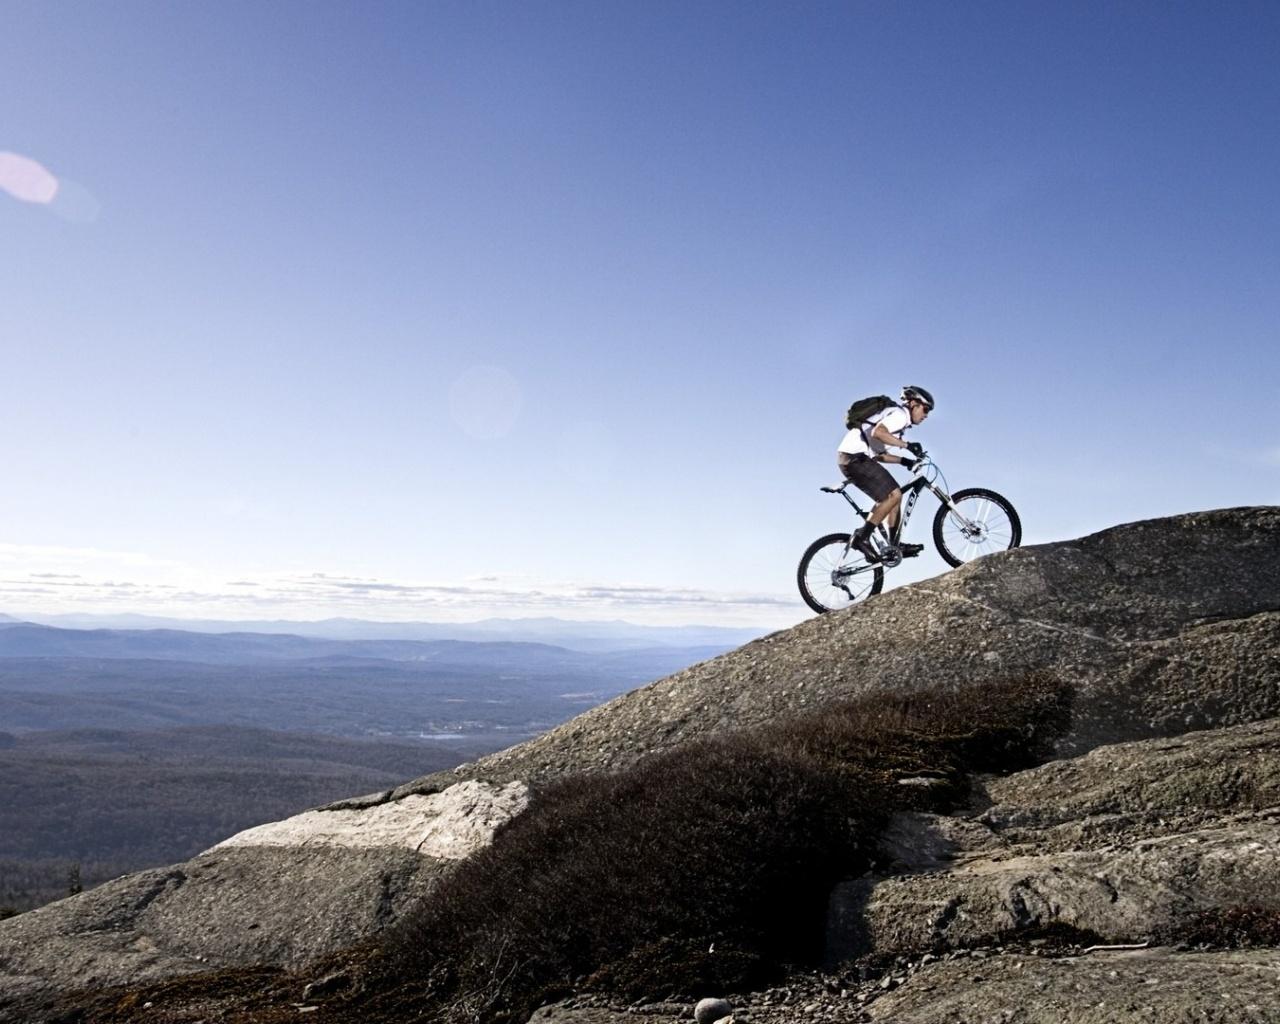 1280x1024 Mountain Bike desktop PC and Mac wallpaper 1280x1024